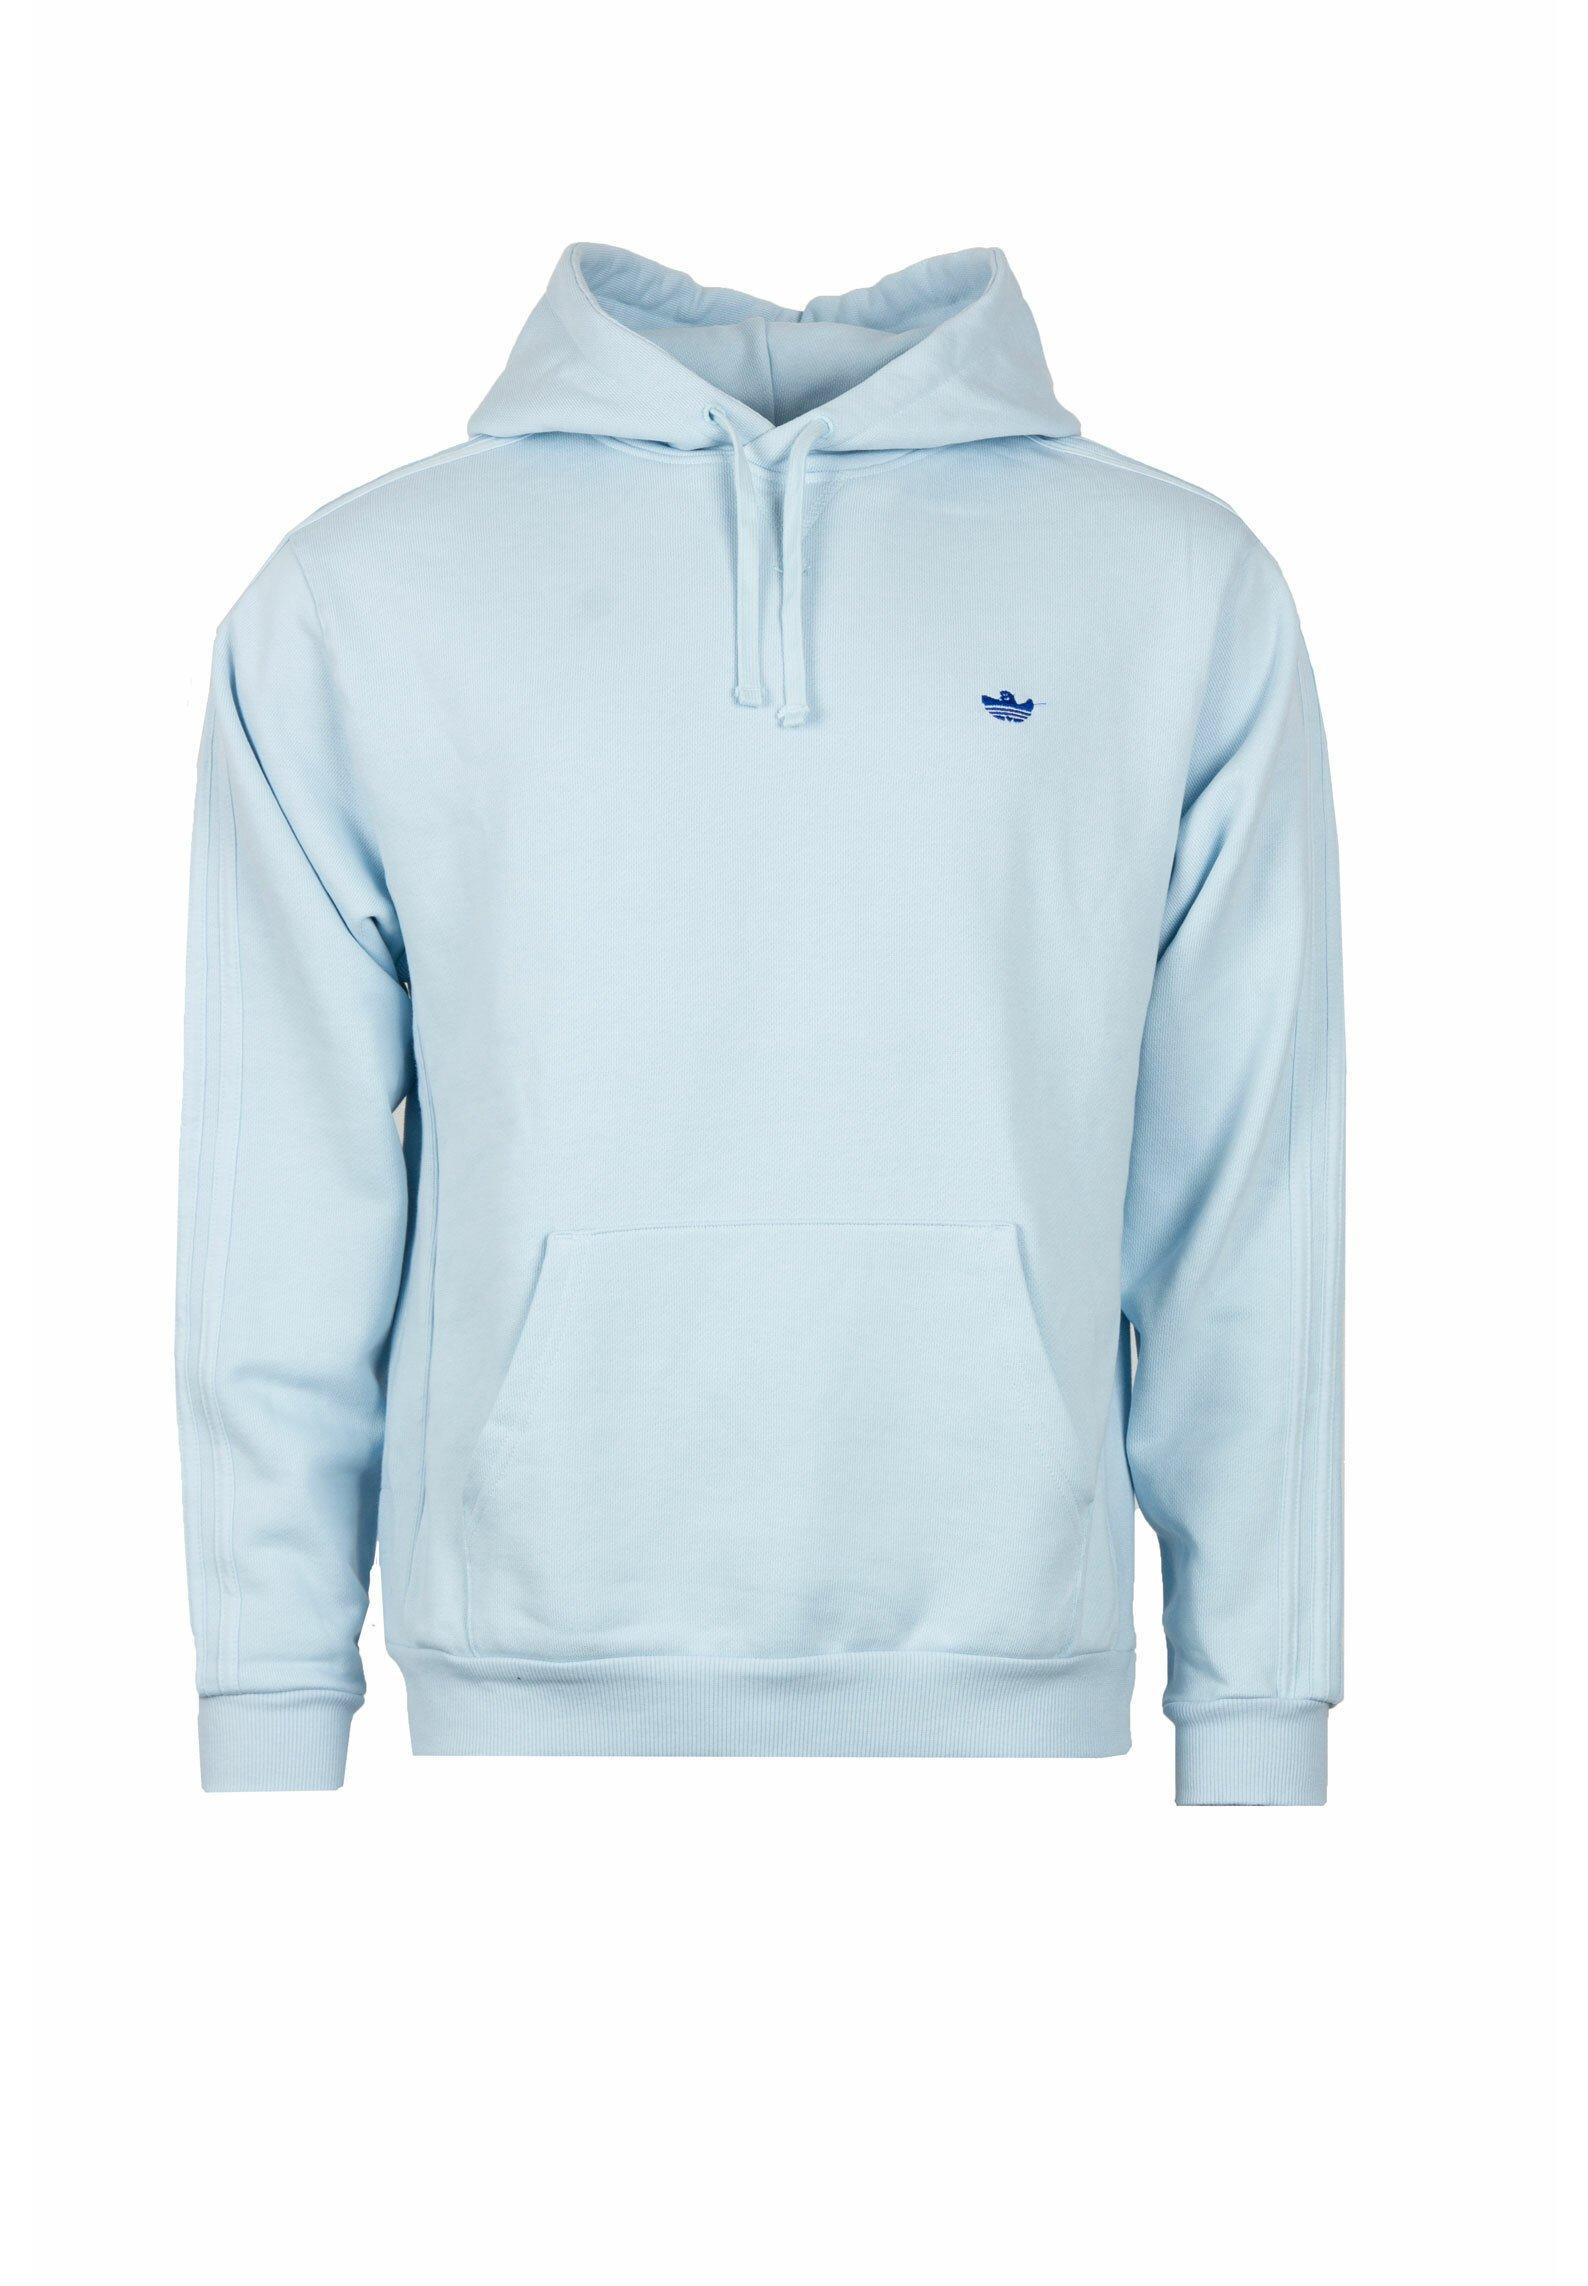 adidas Originals Kapuzenpullover ice blue royal blue